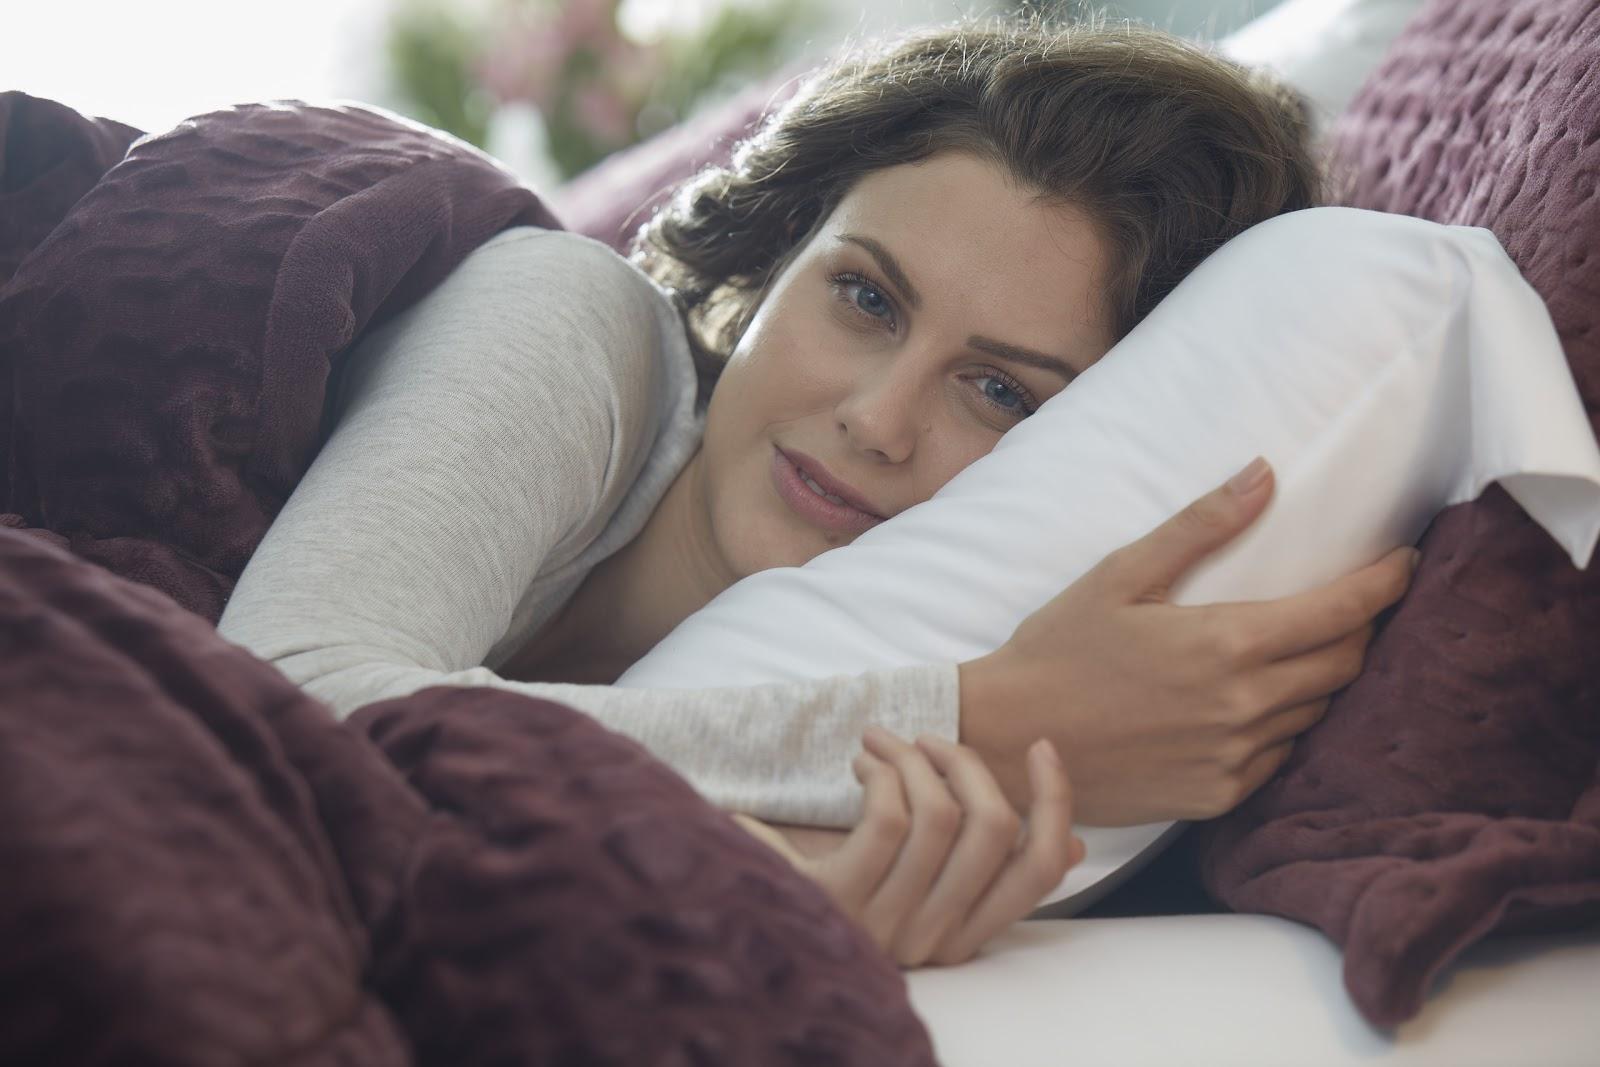 Cuidados essenciais: a importância de um travesseiro  limpo e adequado ao seu corpo